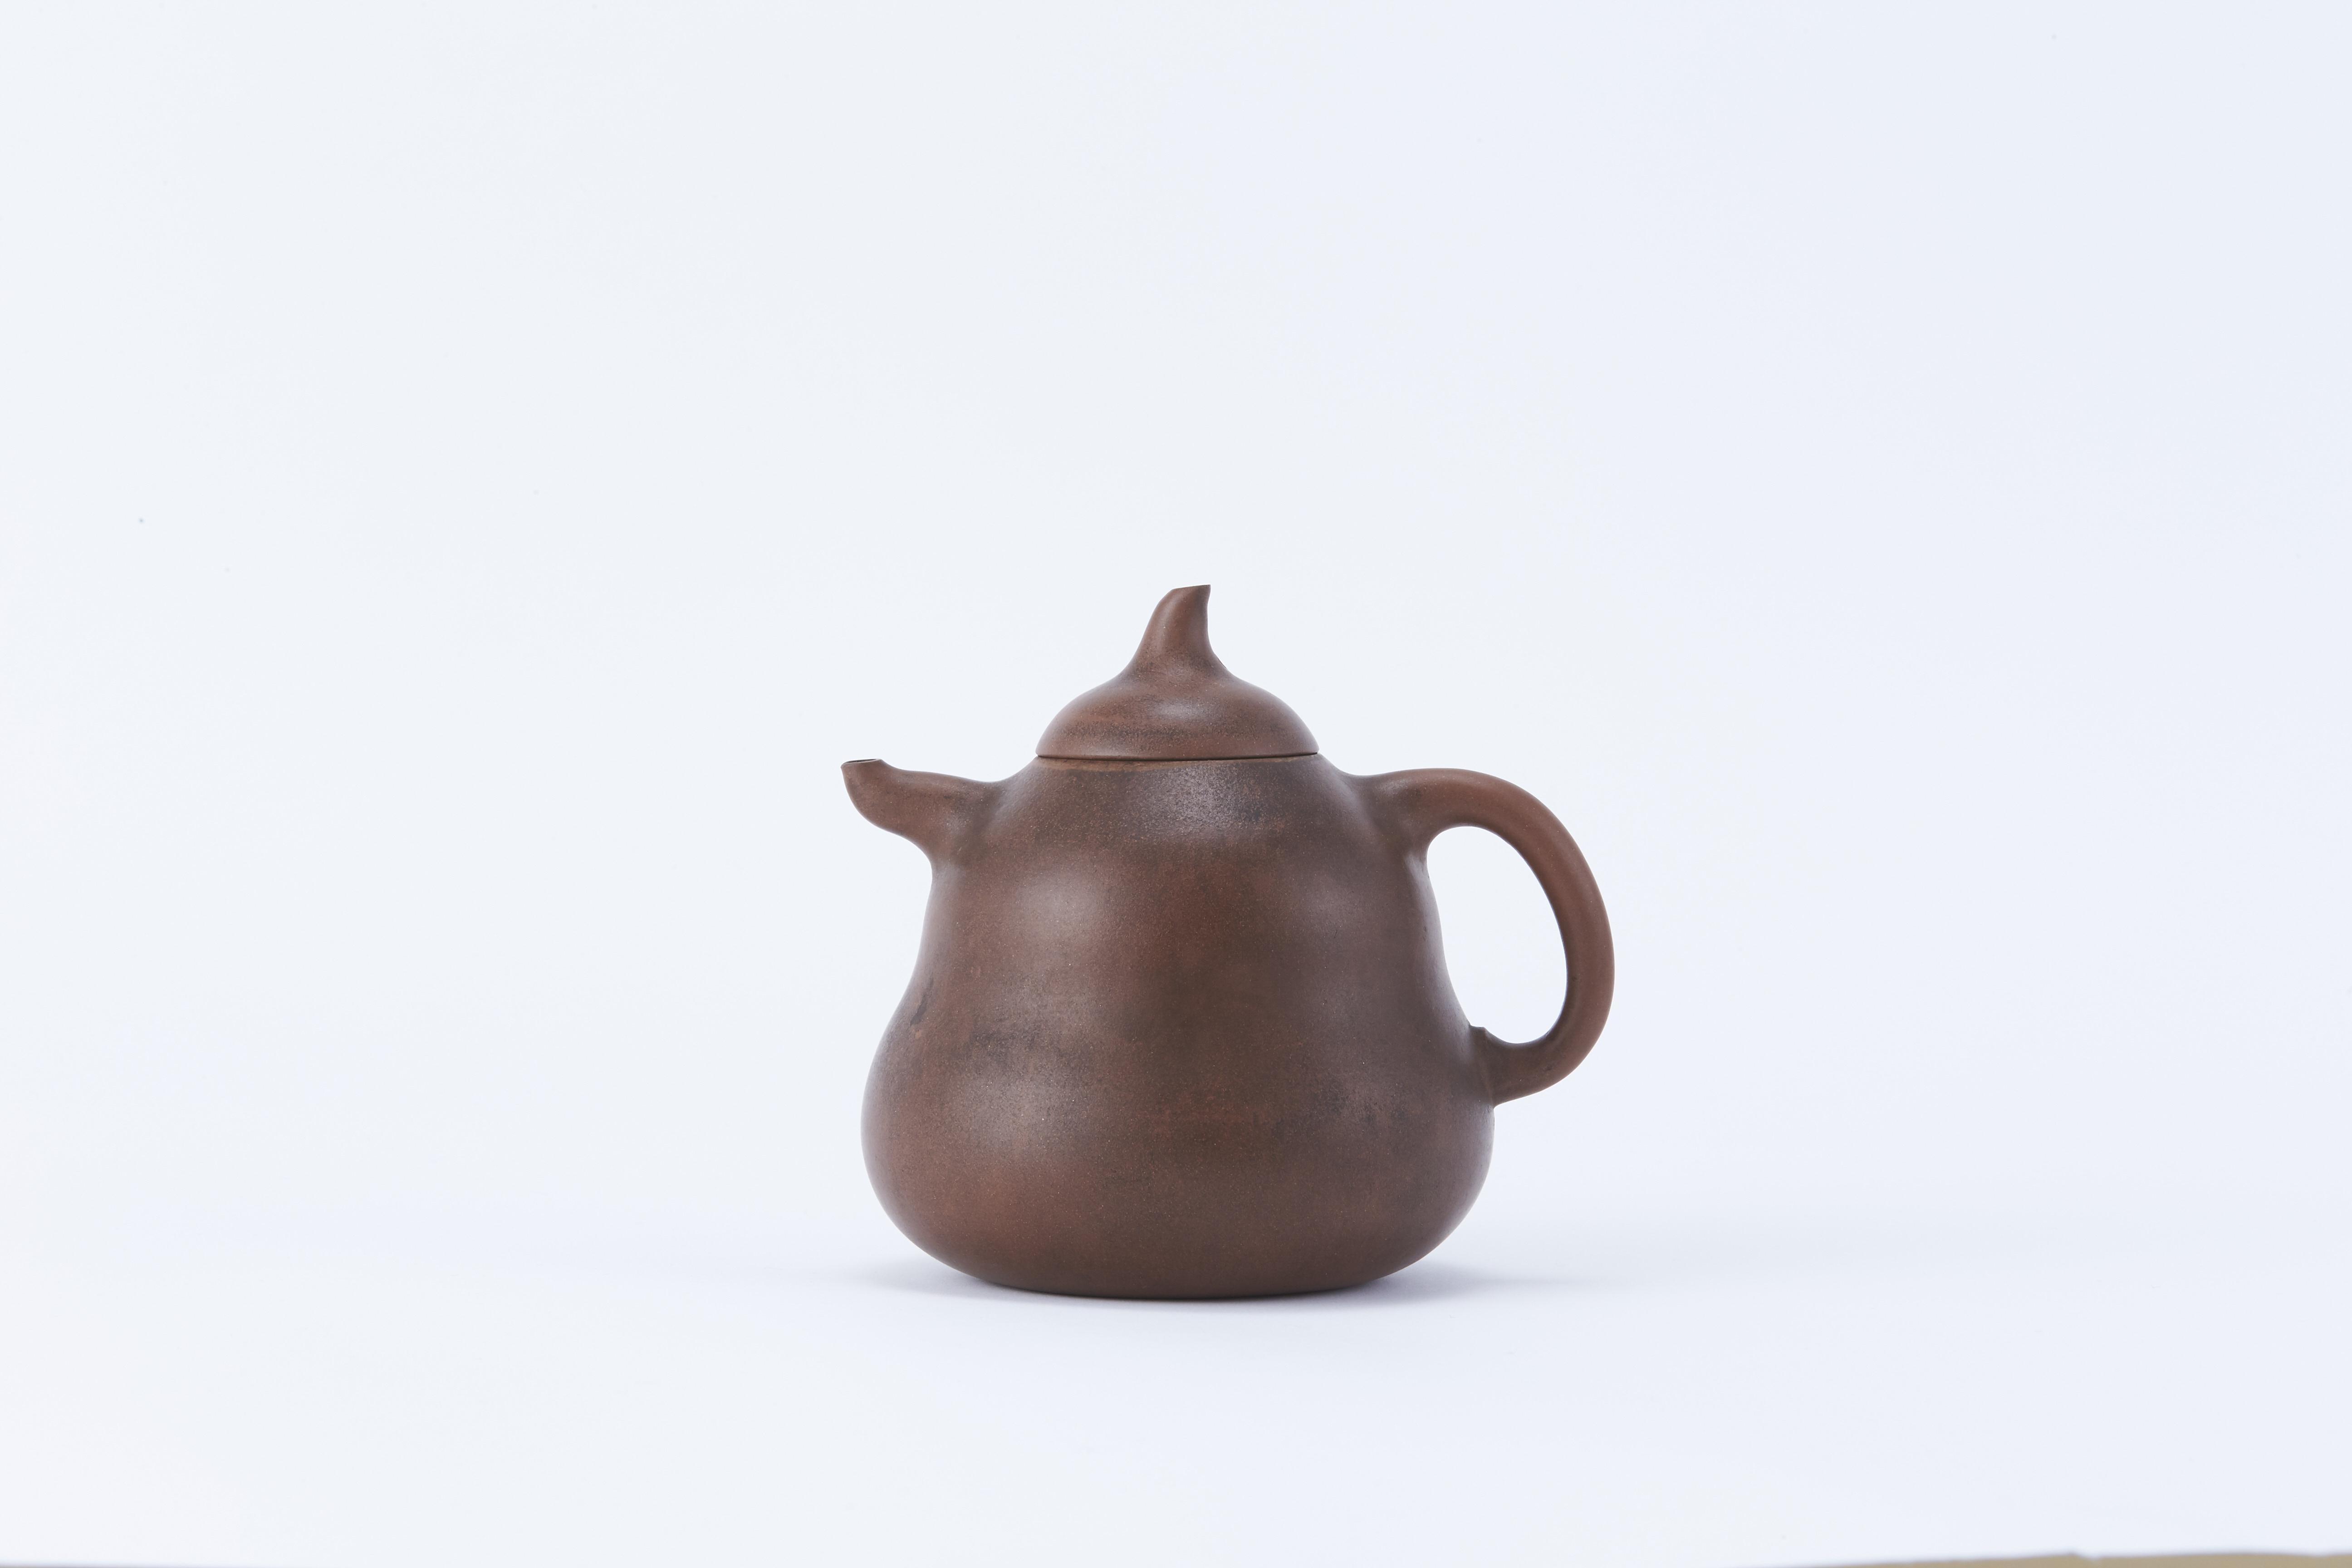 171428清「陳用郷」造 朱泥 葫蘆形 茶壺